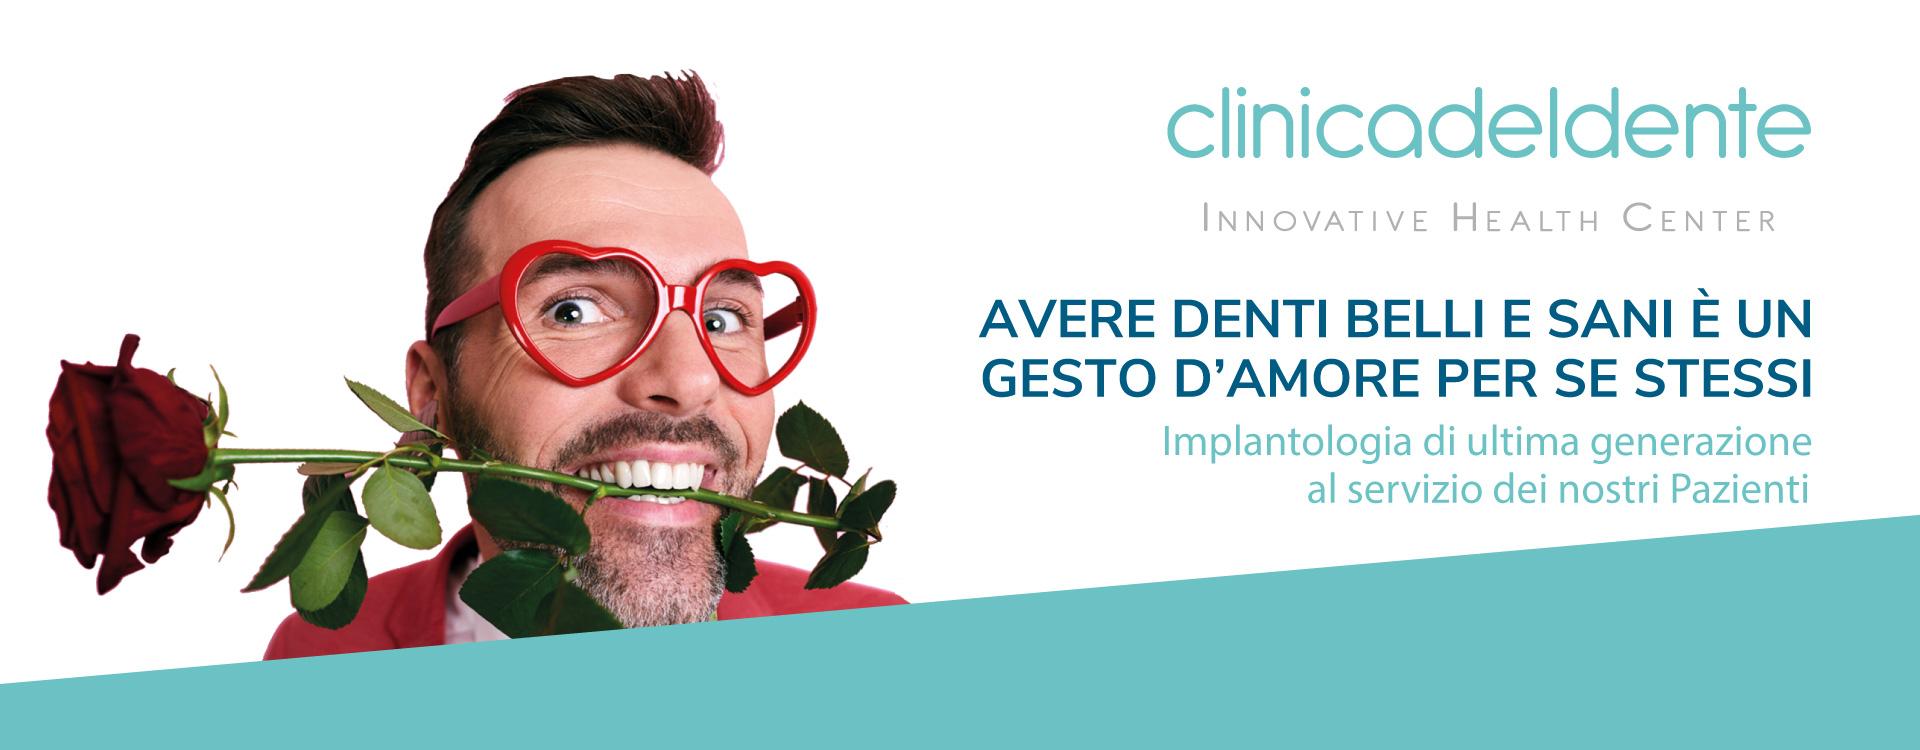 dentista-milano-clinica-del-dente_2